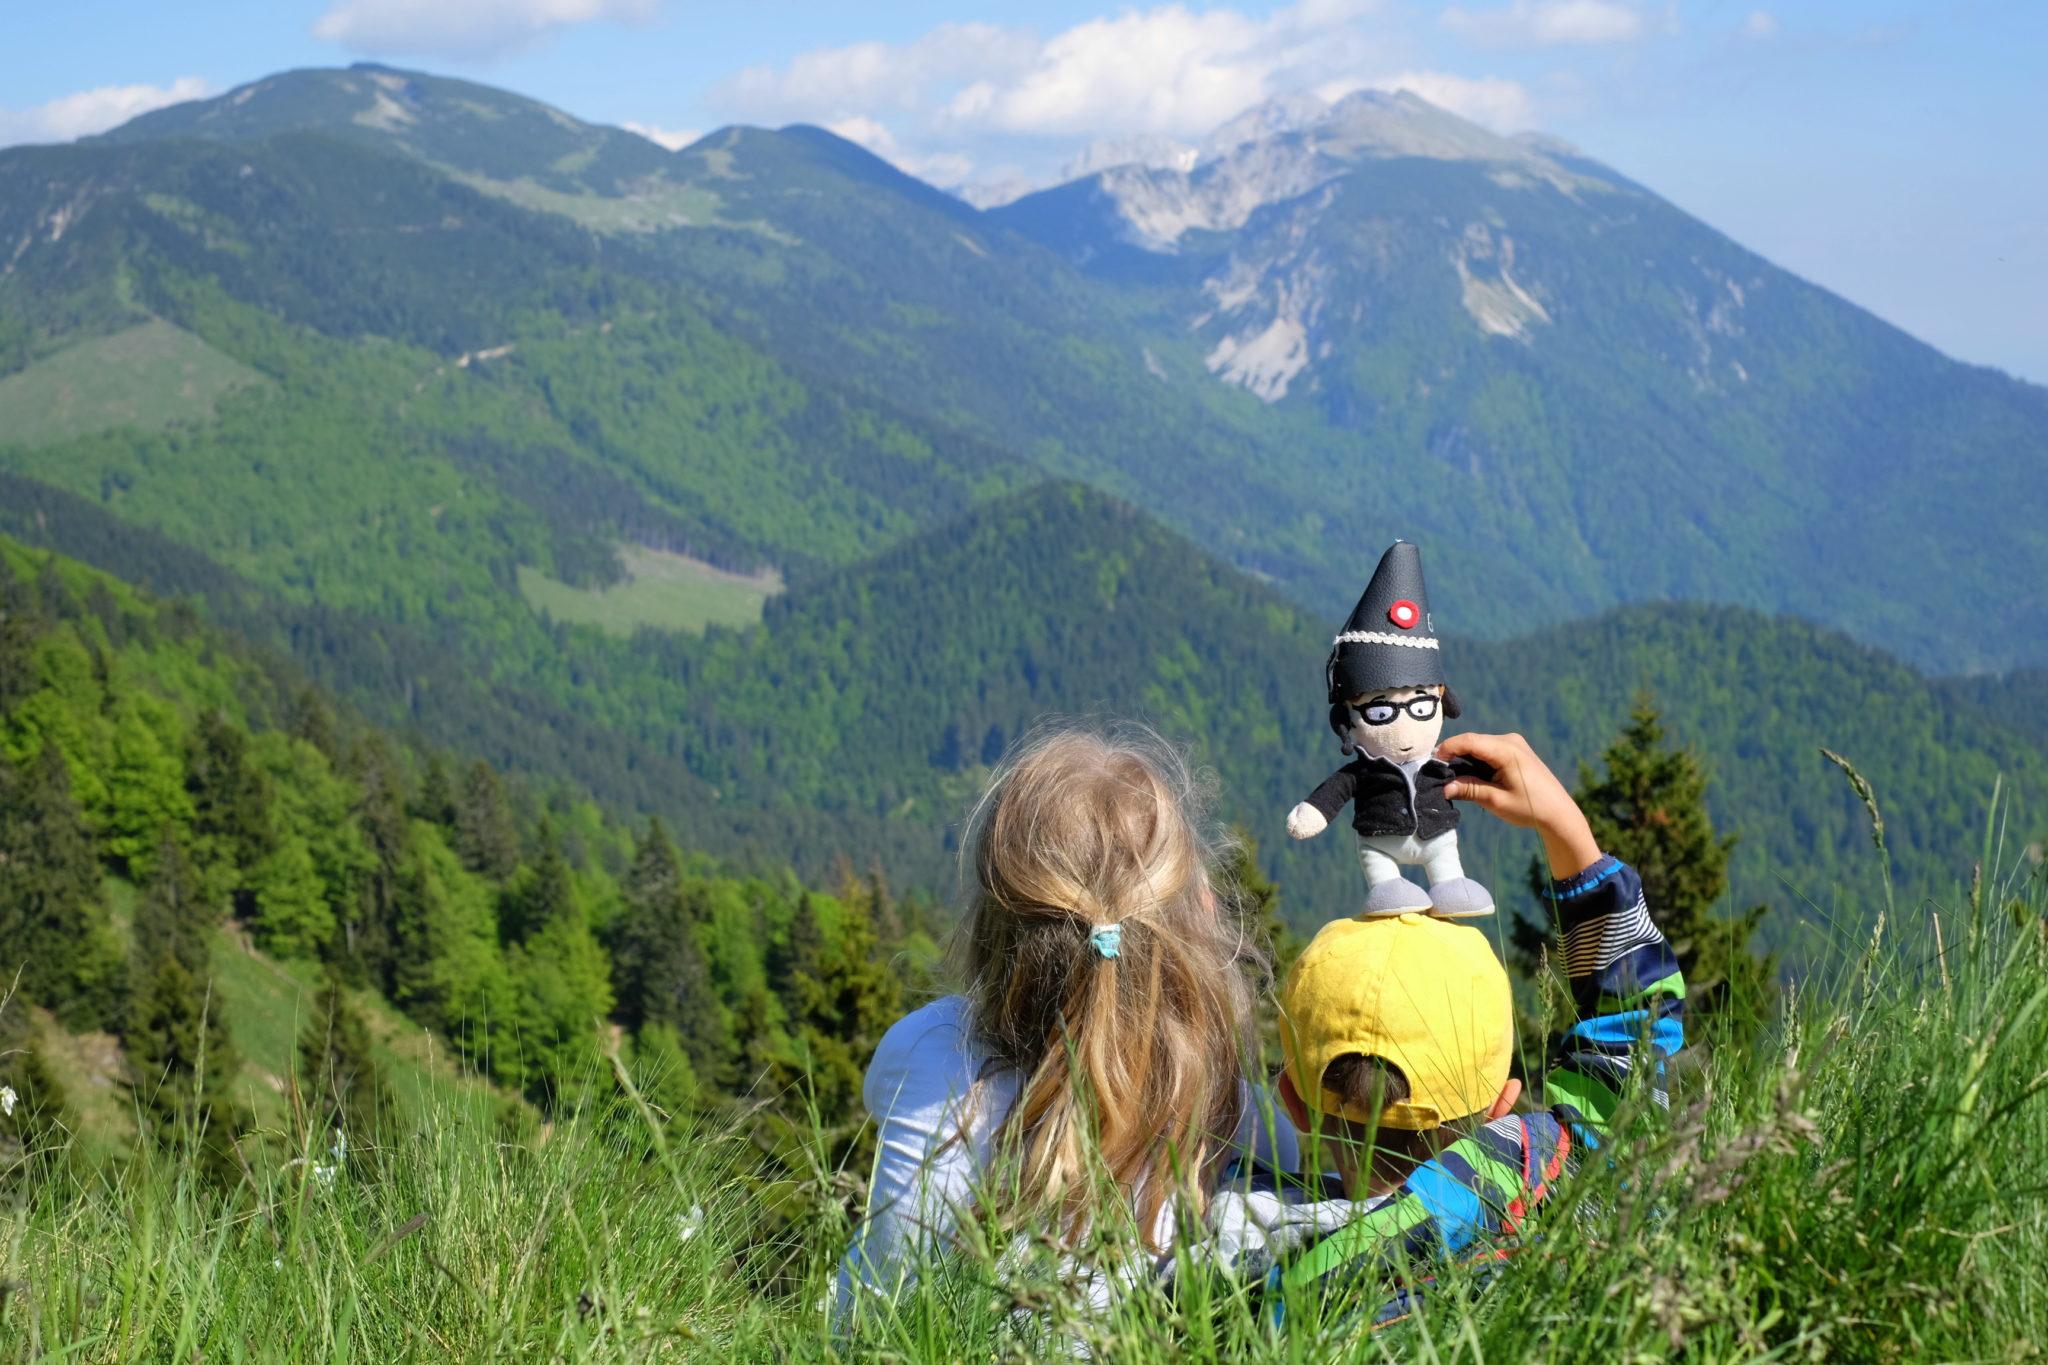 Kids enjoying their time in the mountains; Golica, Slovenia